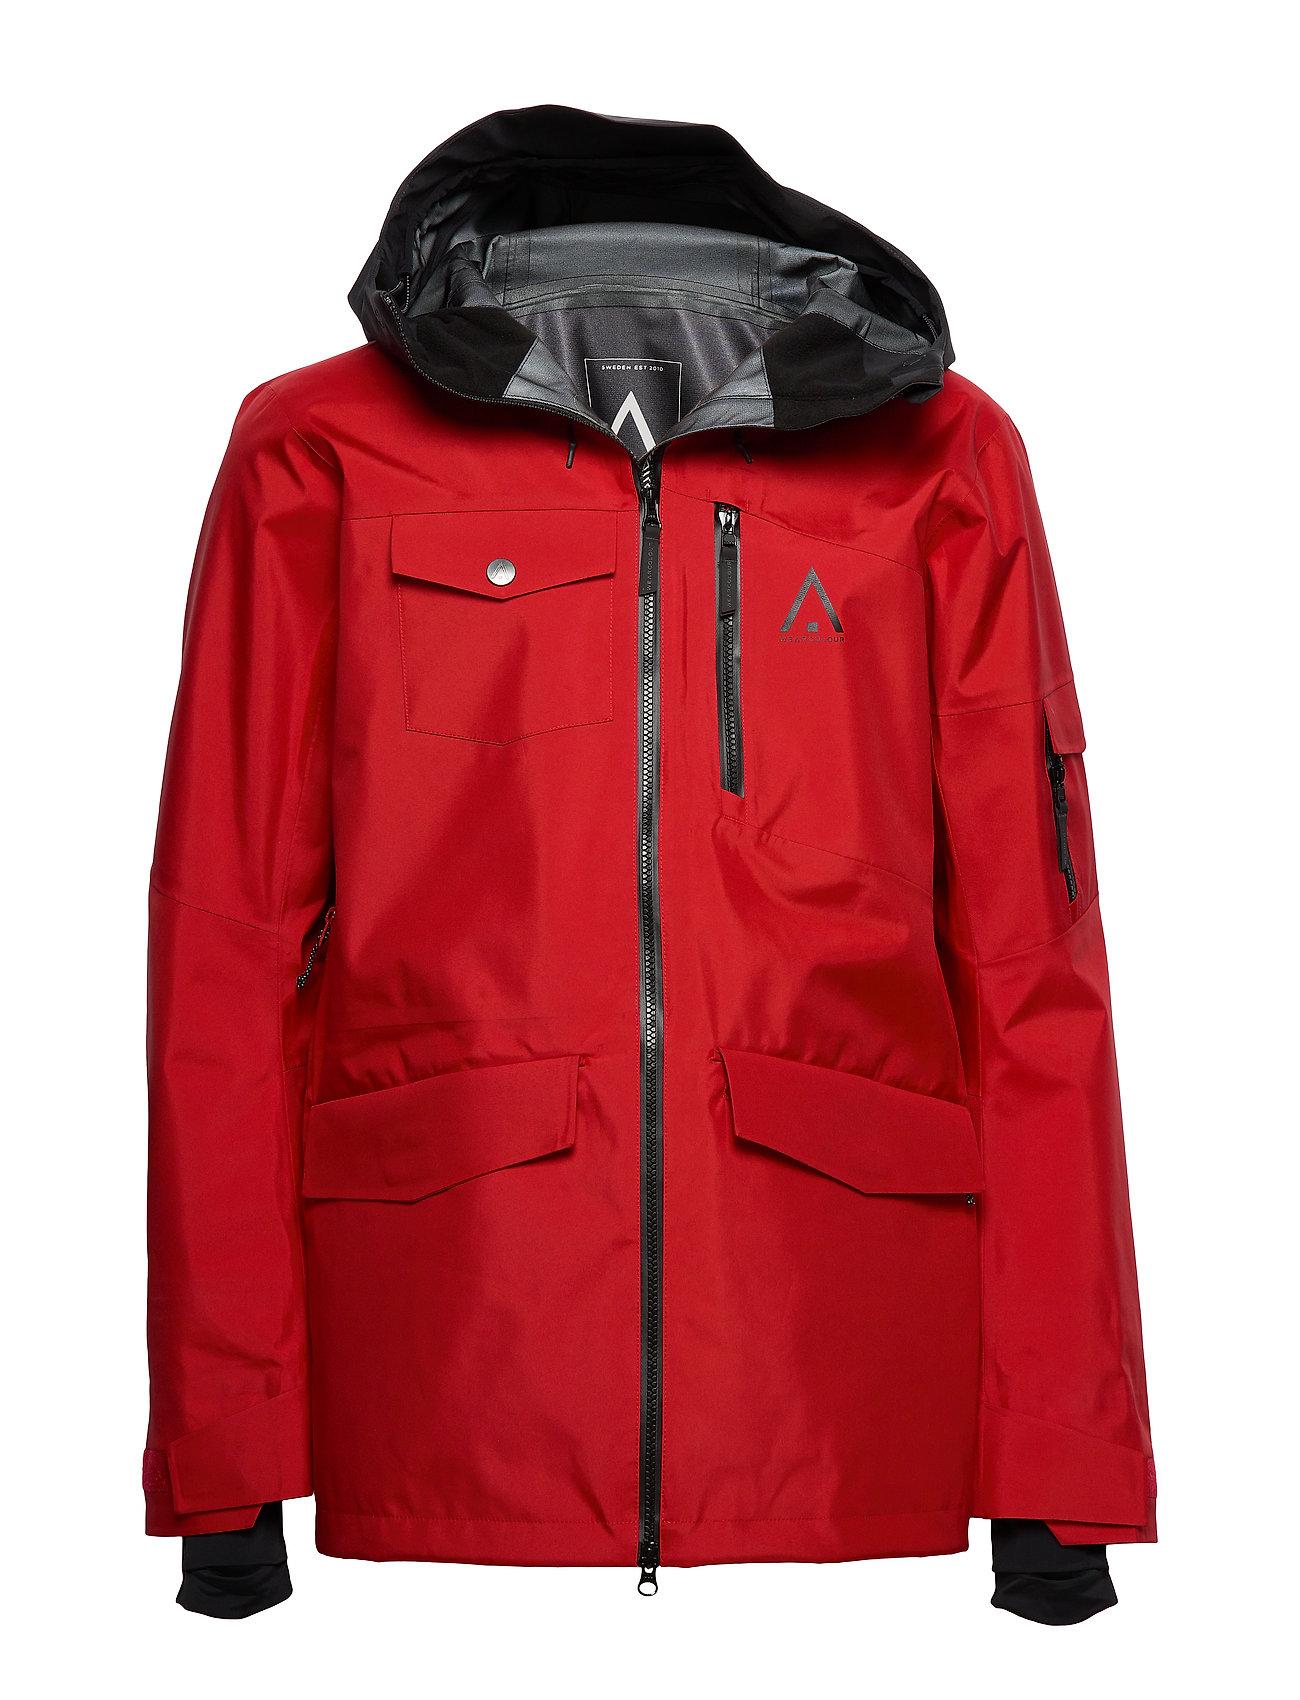 WearColour HAWK Jacket - FALU RED